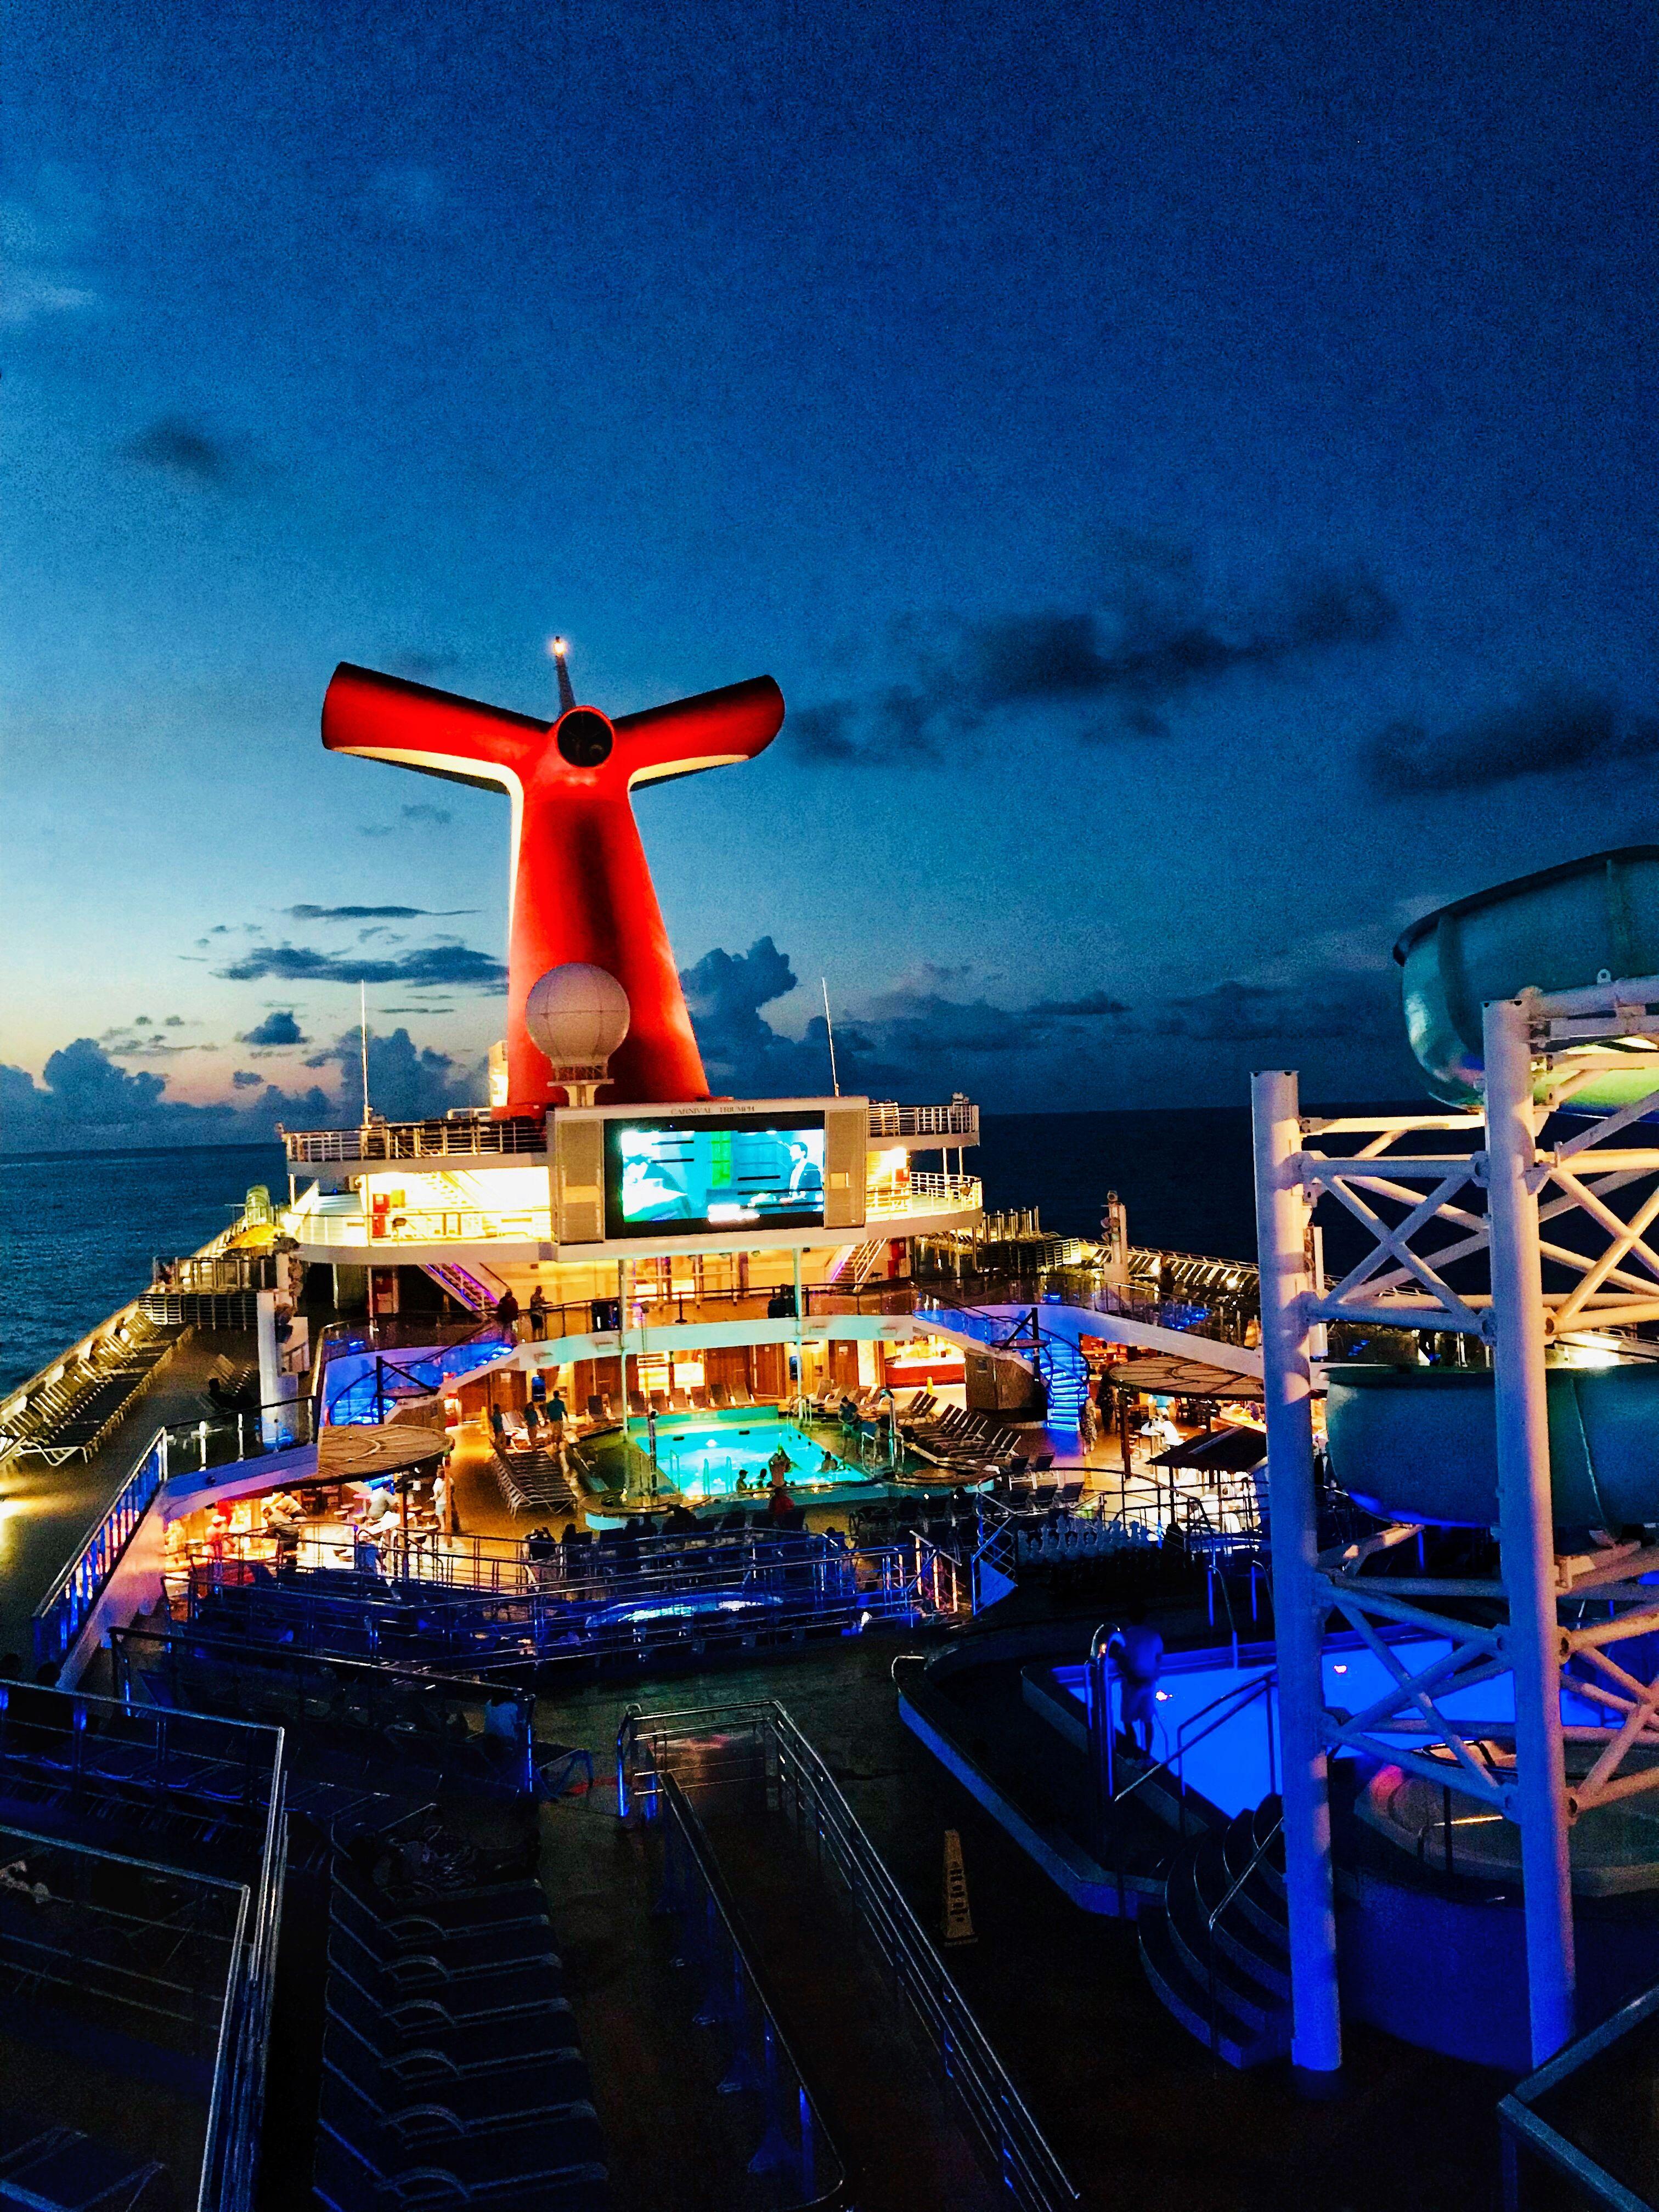 #carnival #cruise #triumph #travel